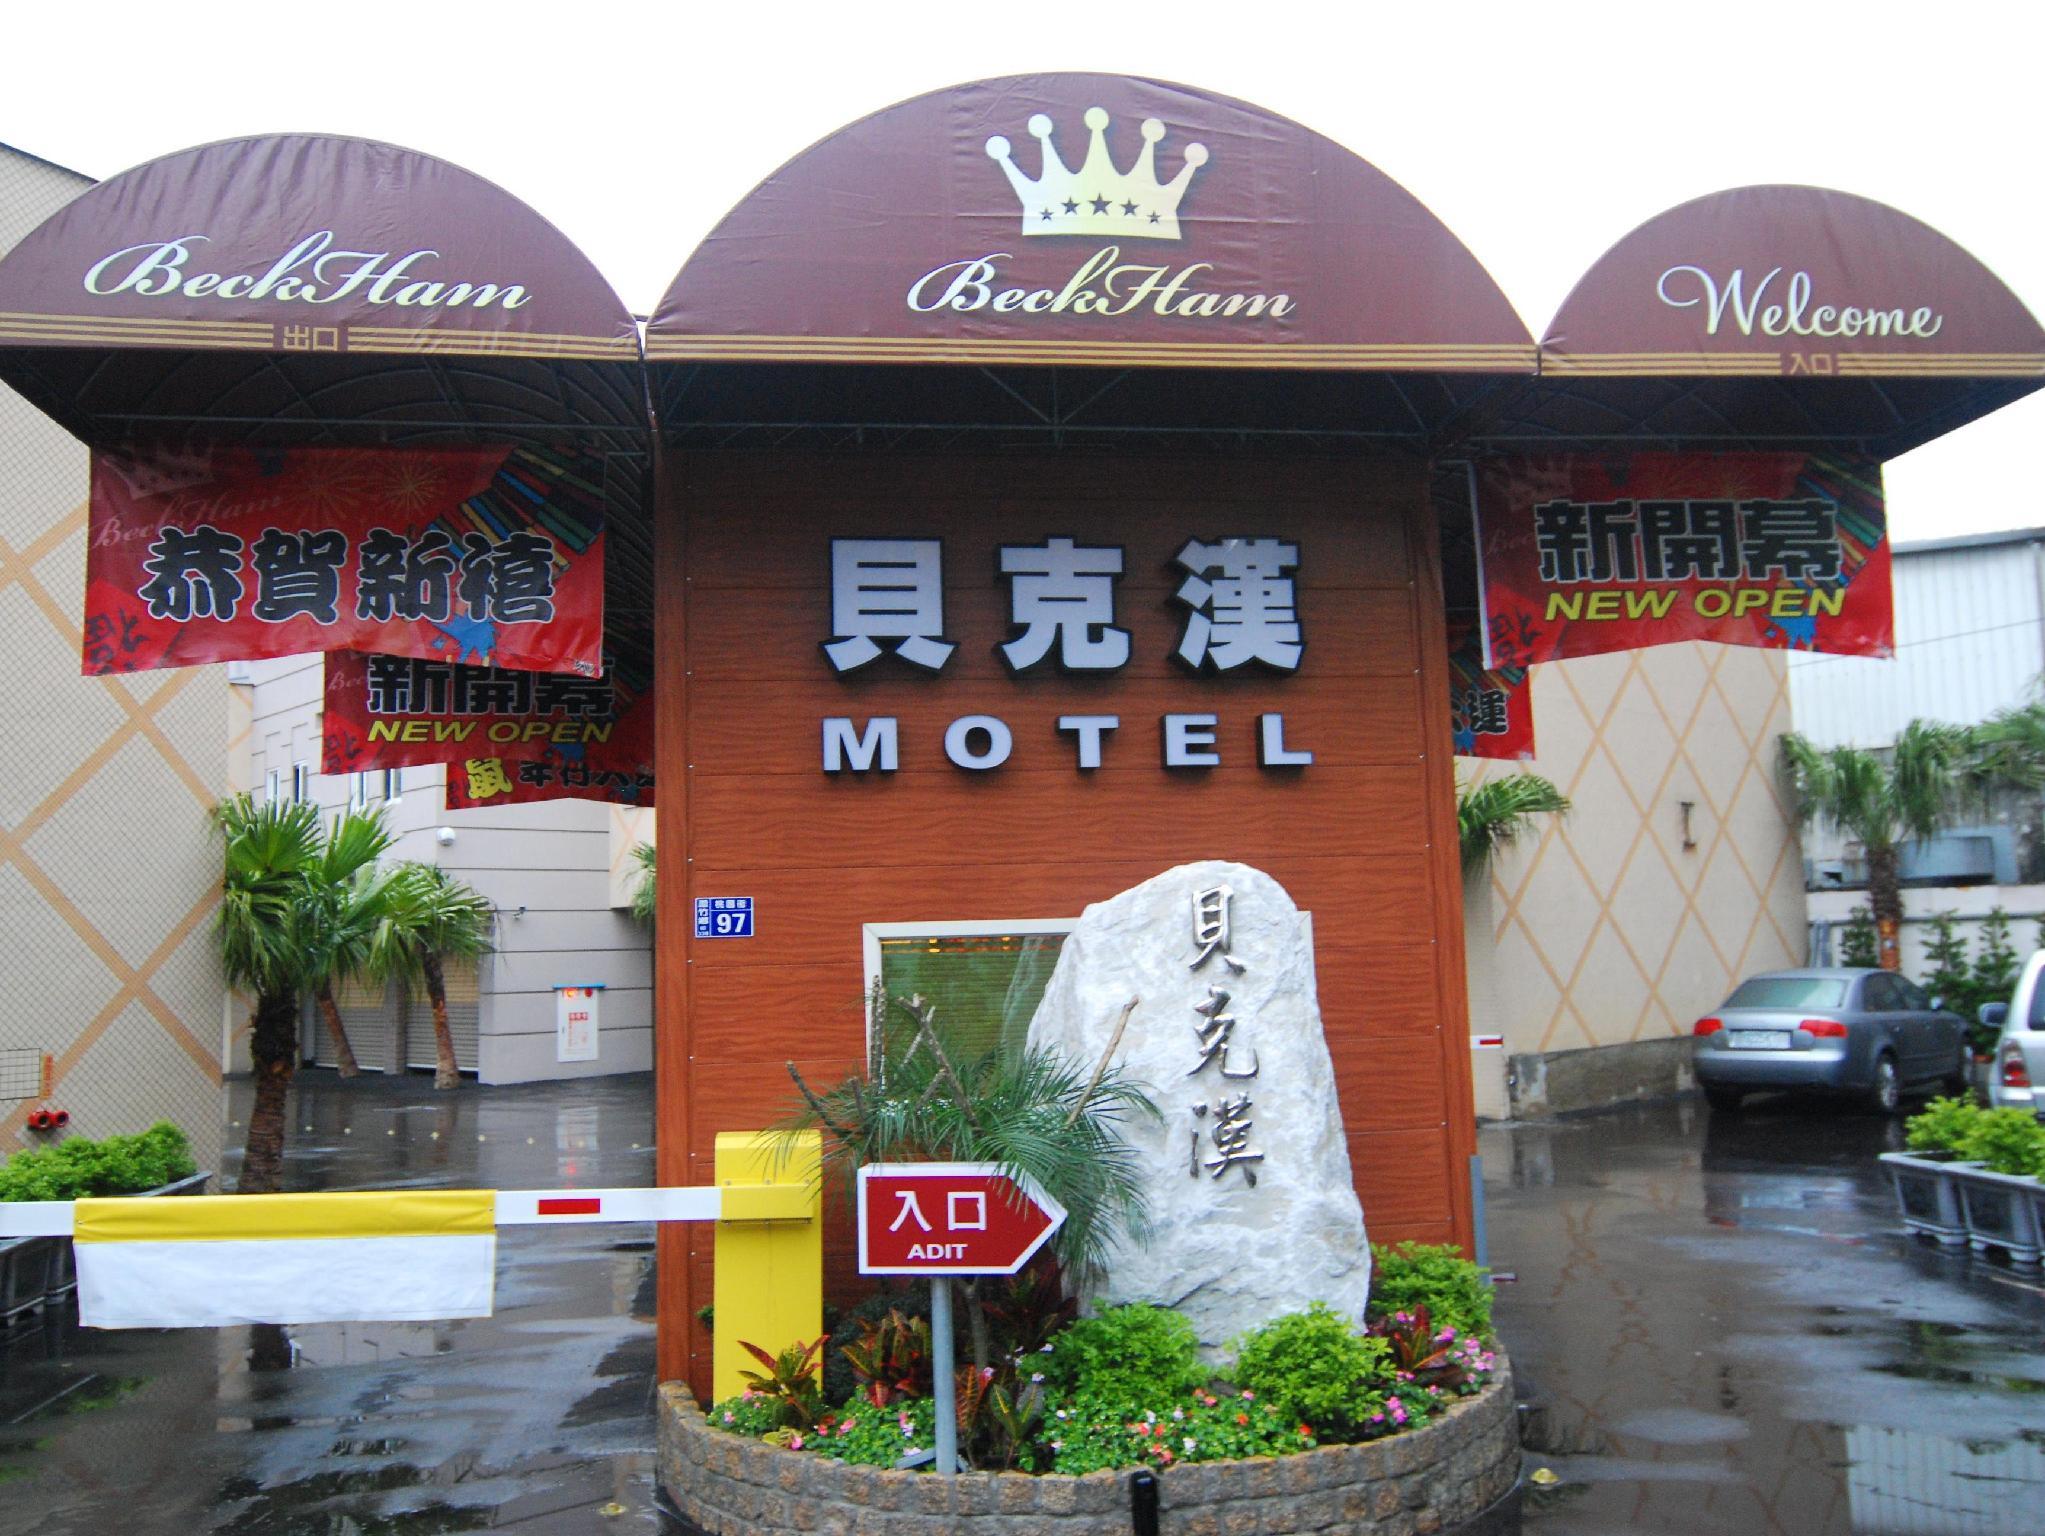 Beckham Motel 贝克汉汽车旅馆